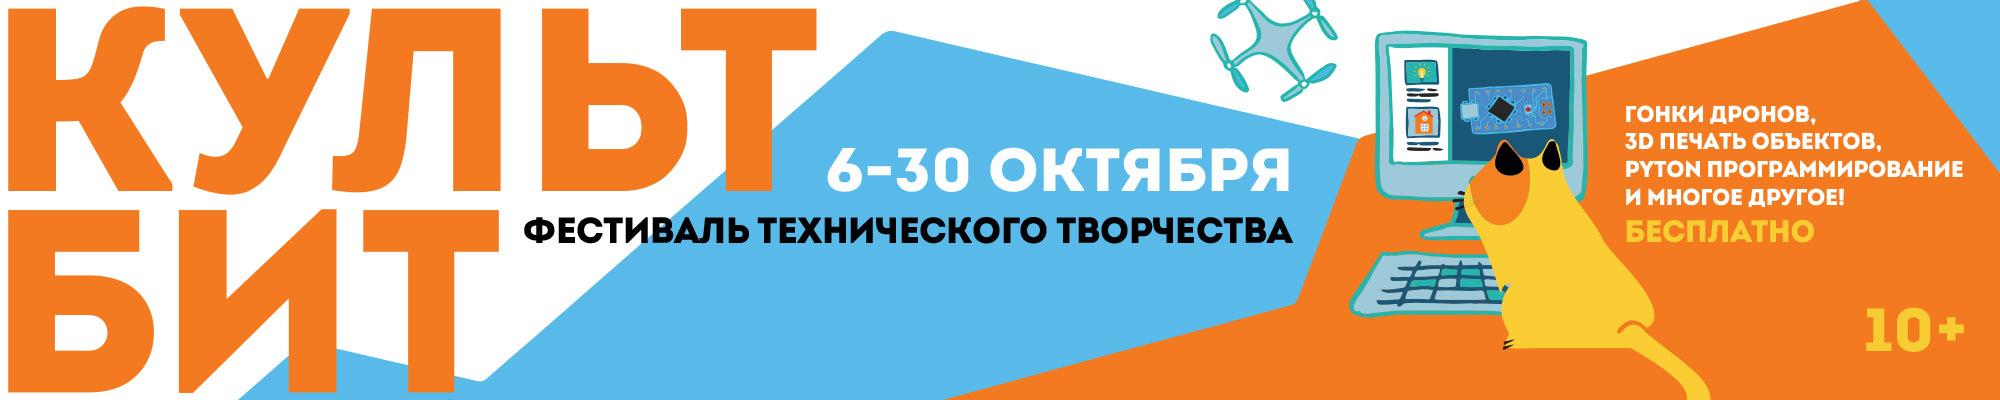 Фестиваль технического творчества «Культбит»